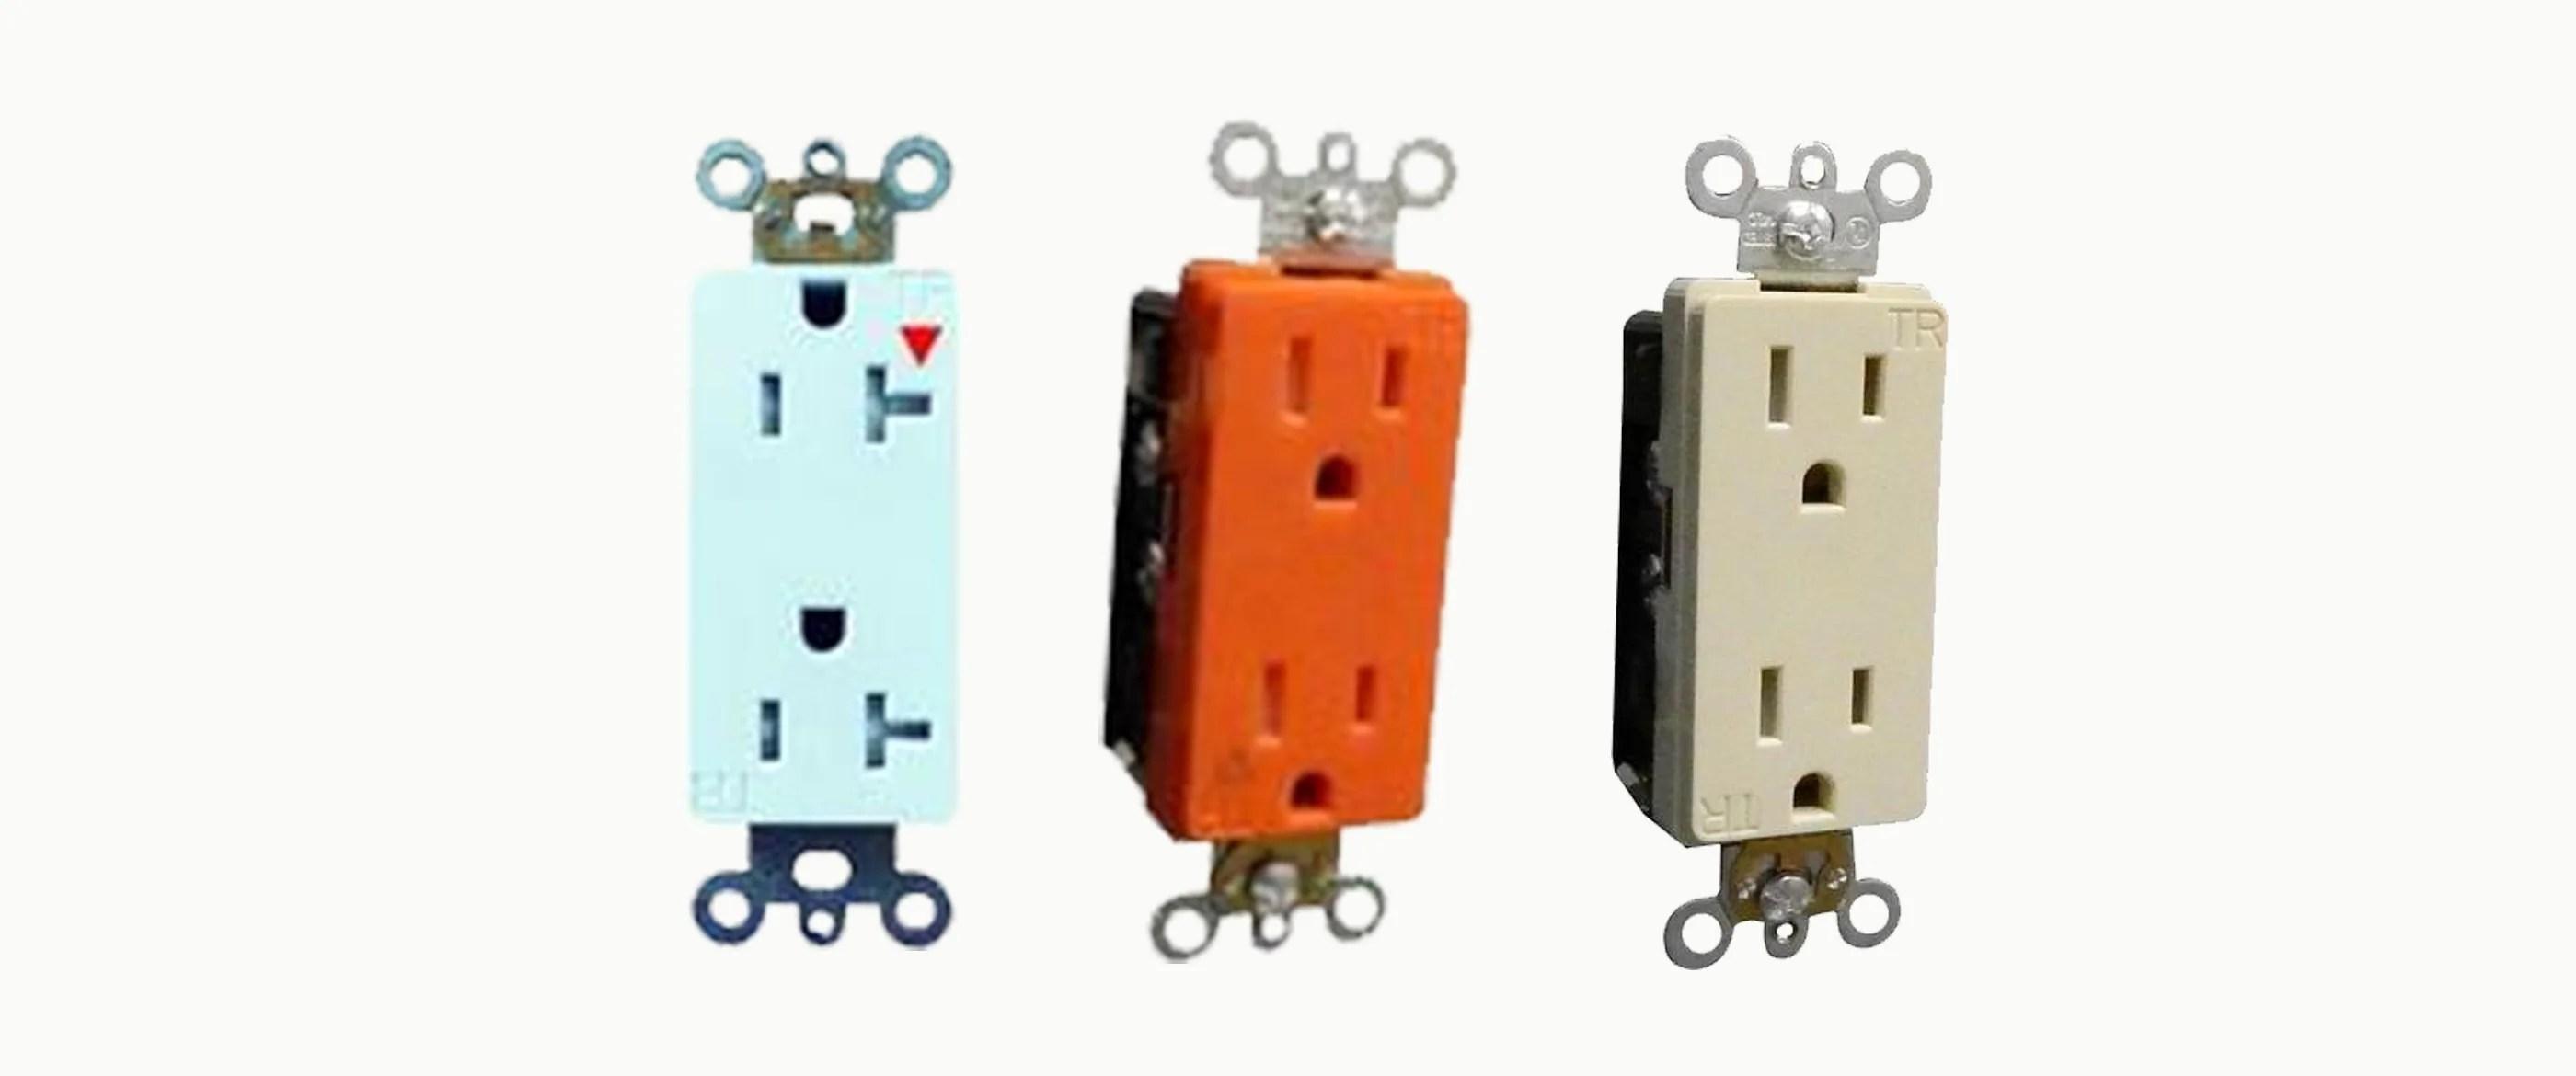 decorative tamper resistant commercial grade duplex receptacles [ 2800 x 1170 Pixel ]